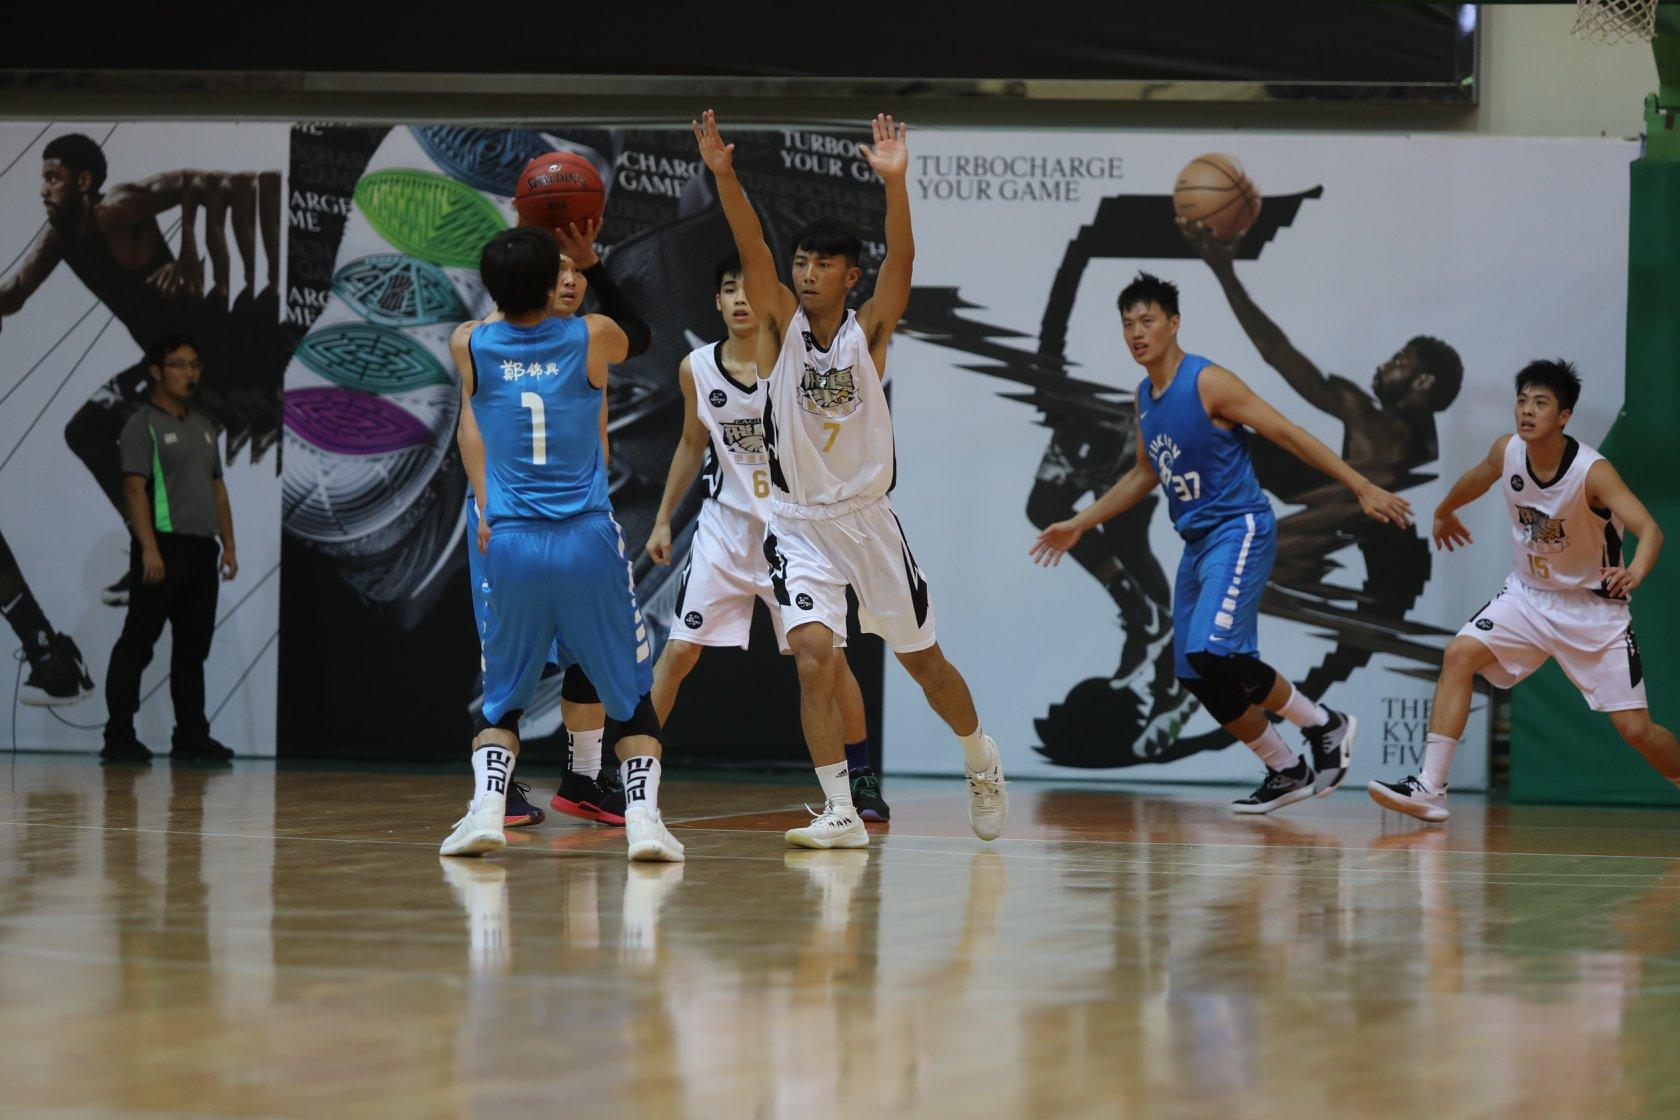 重整旗鼓-專心備戰-010-Eagle-Basketball-崇德飛鷹